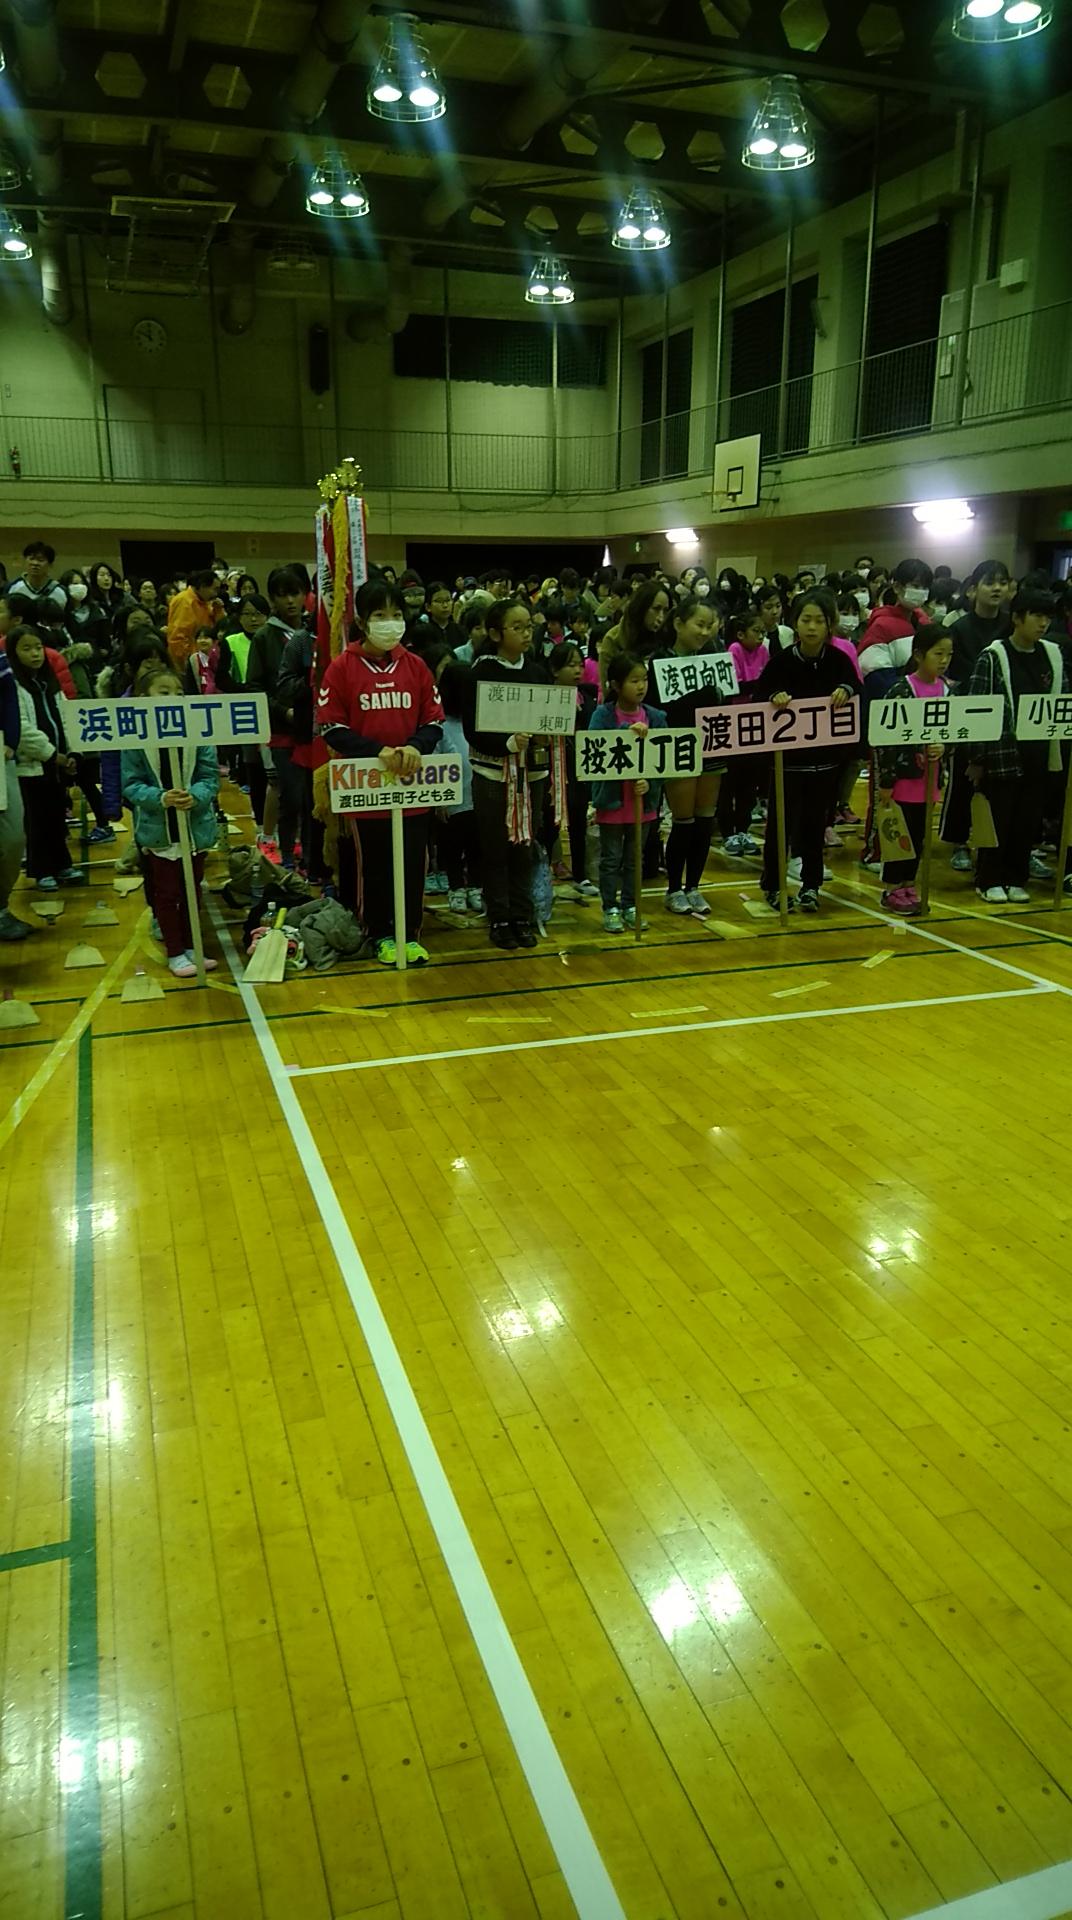 1月5日(土)<はねつき大会に300人参加>